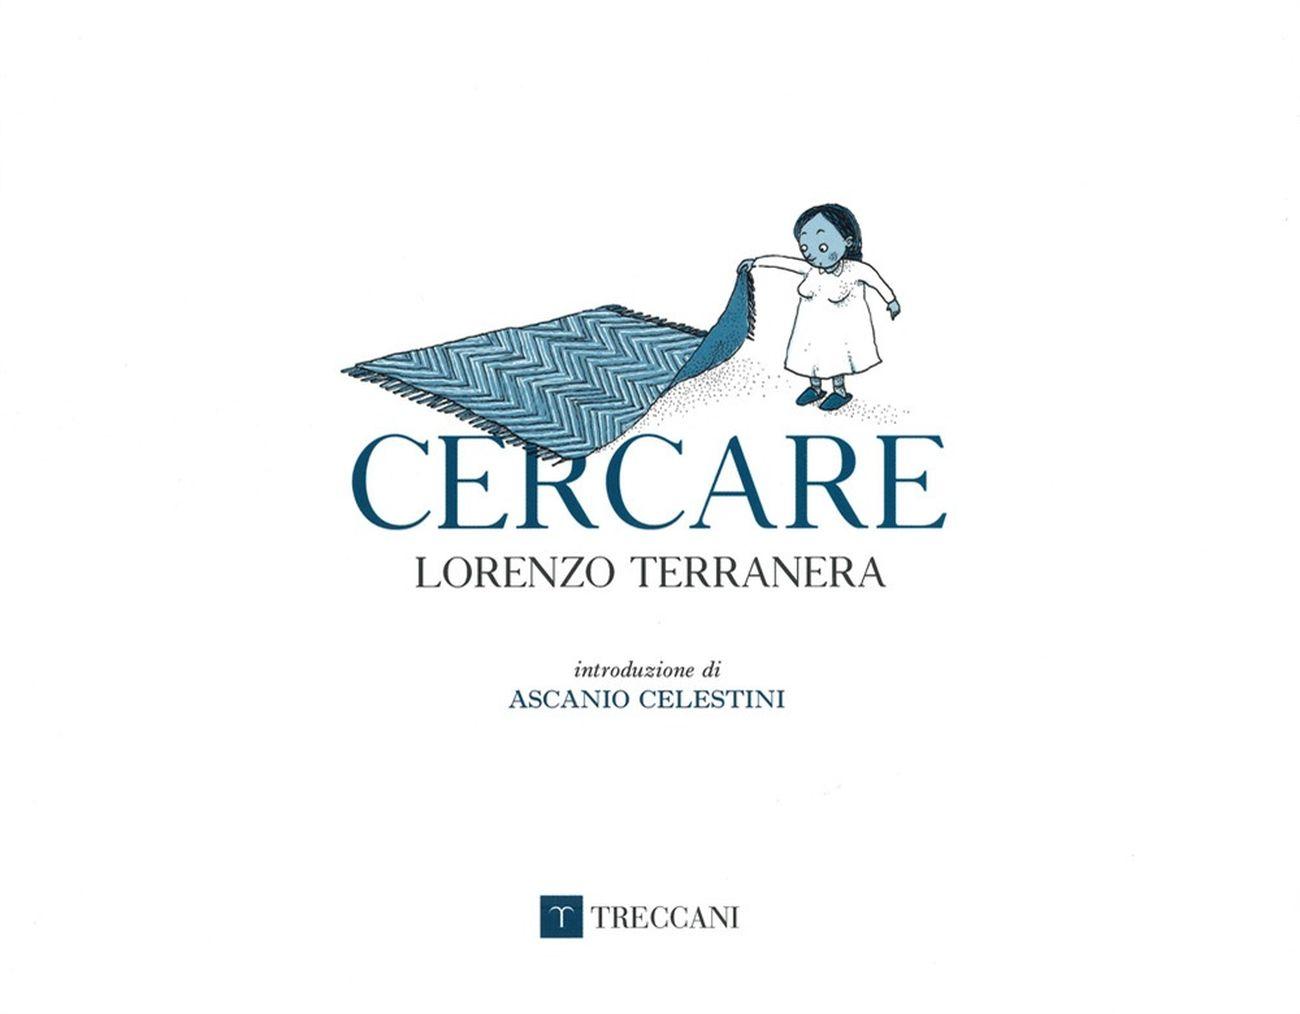 Lorenzo Terranera – Cercare (Treccani, Roma 2019). Cover